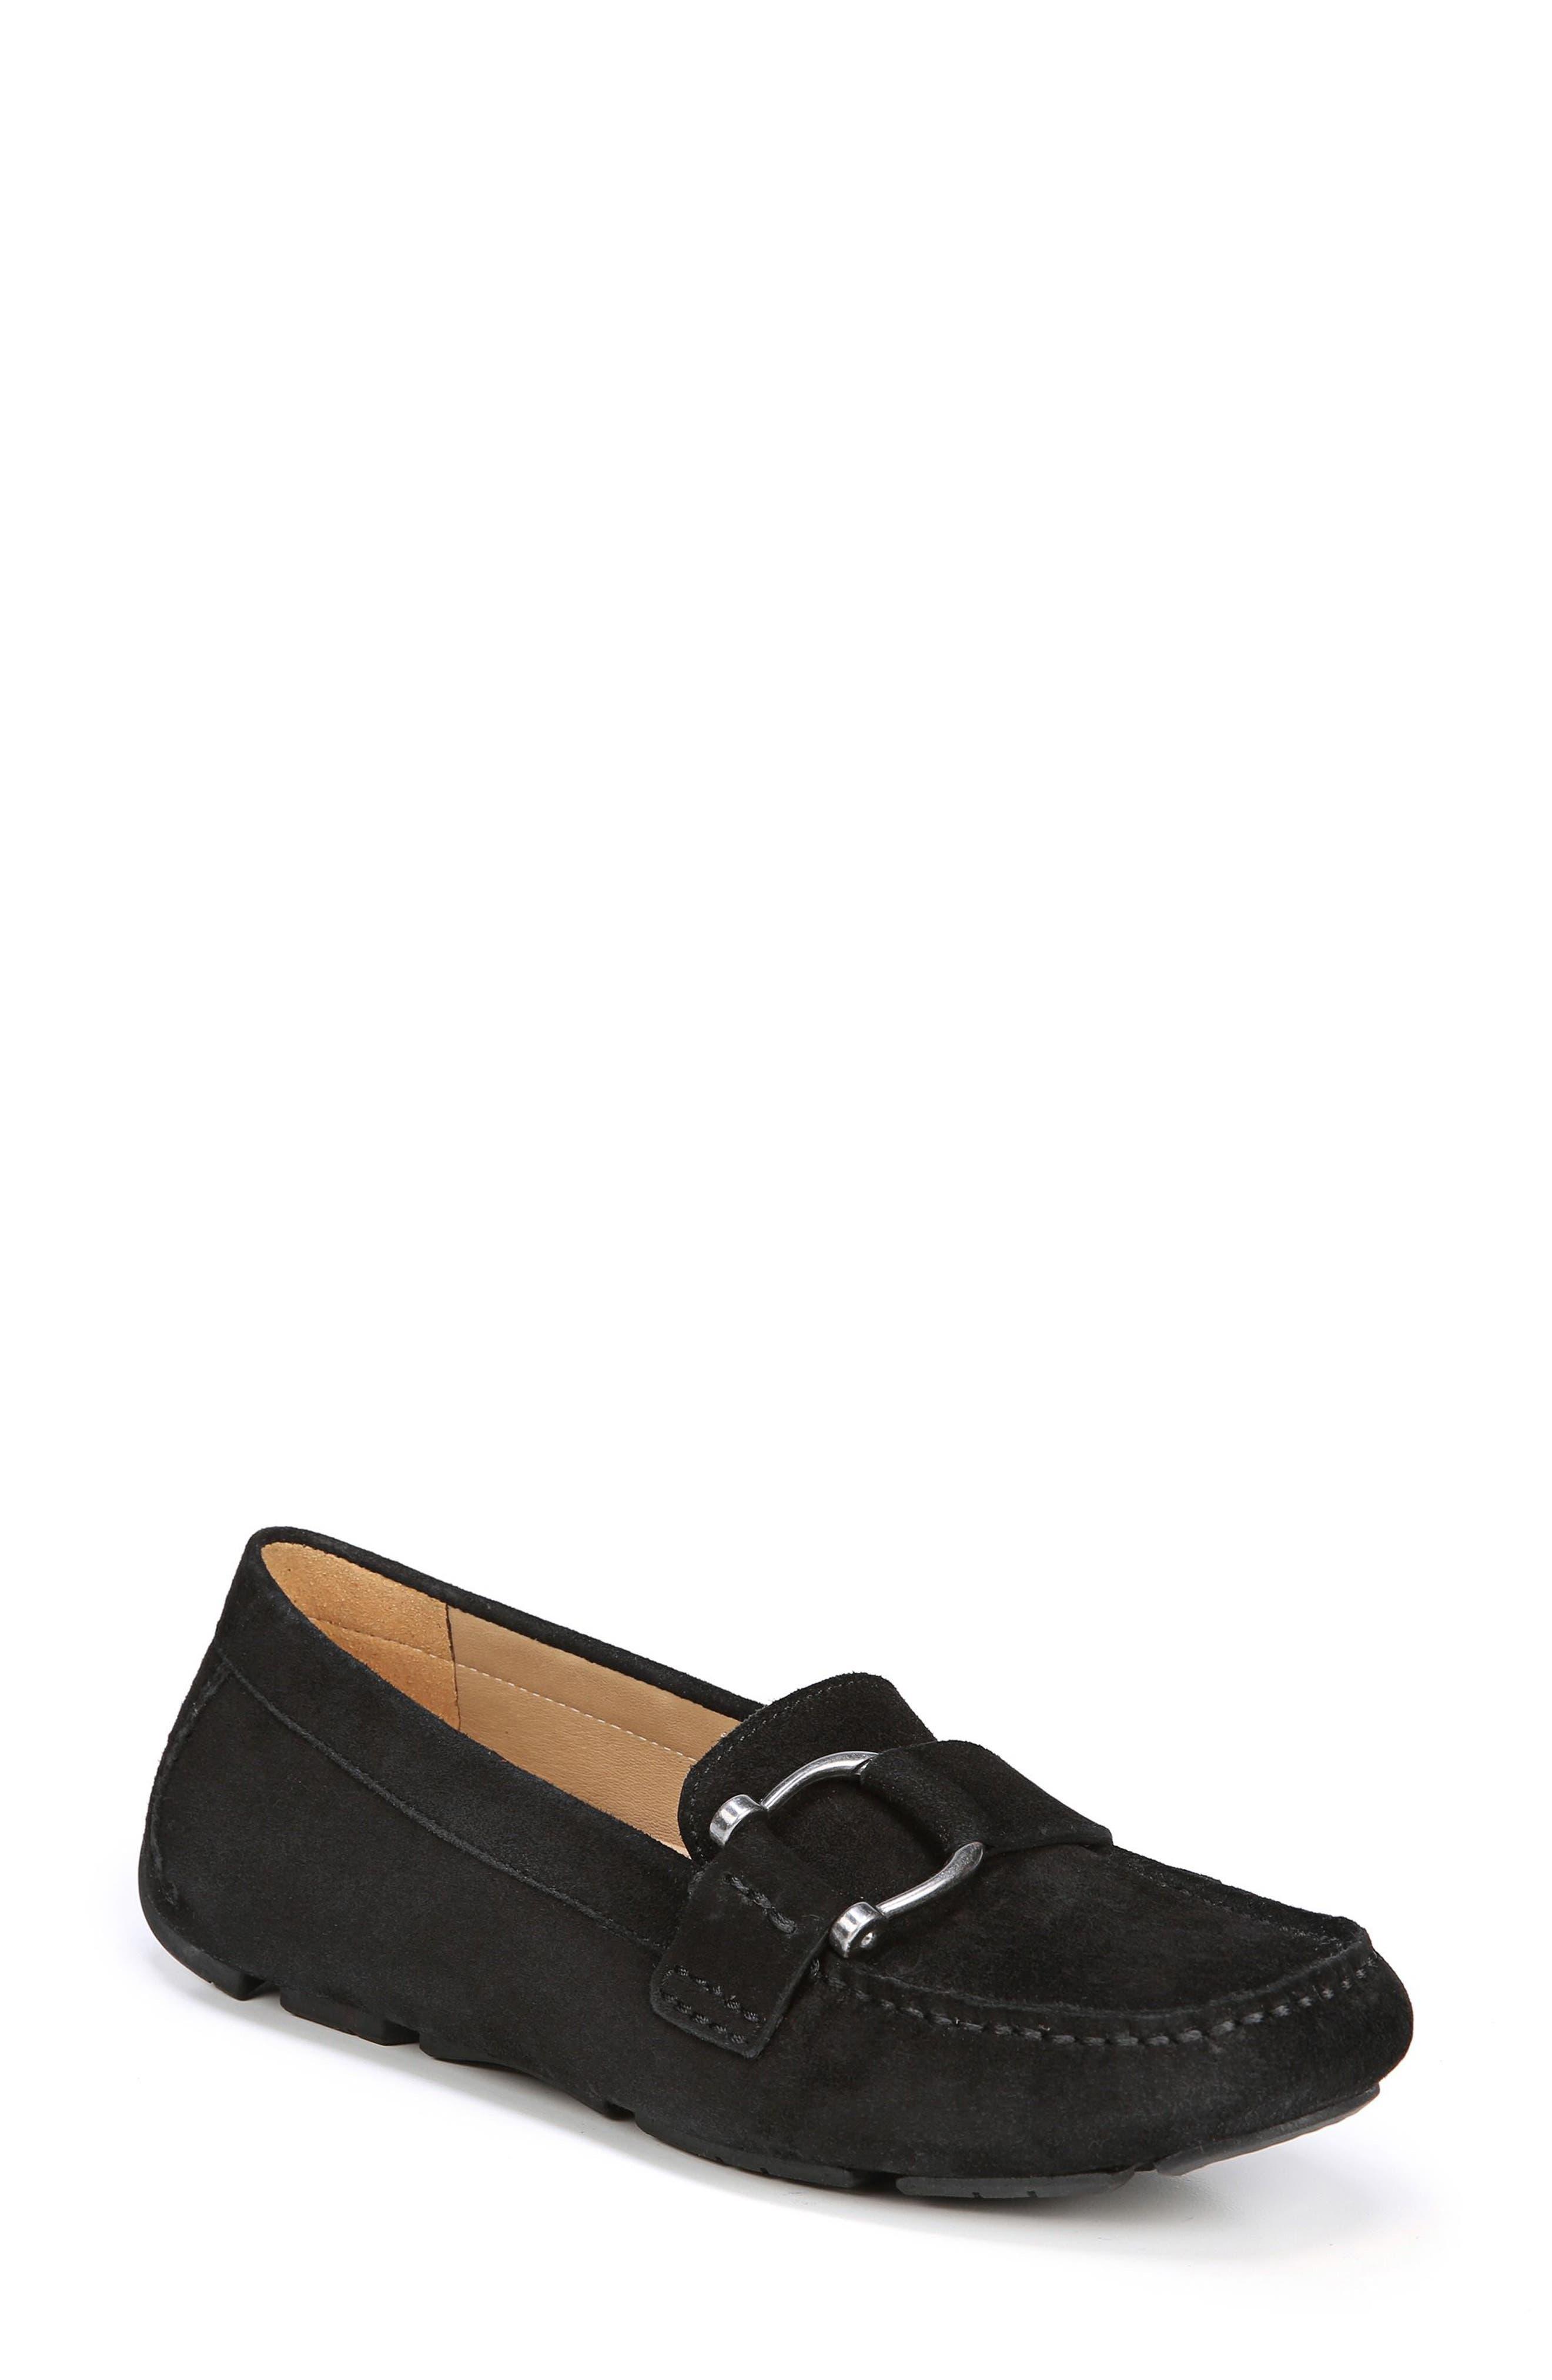 Nara Loafer,                         Main,                         color, BLACK SUEDE